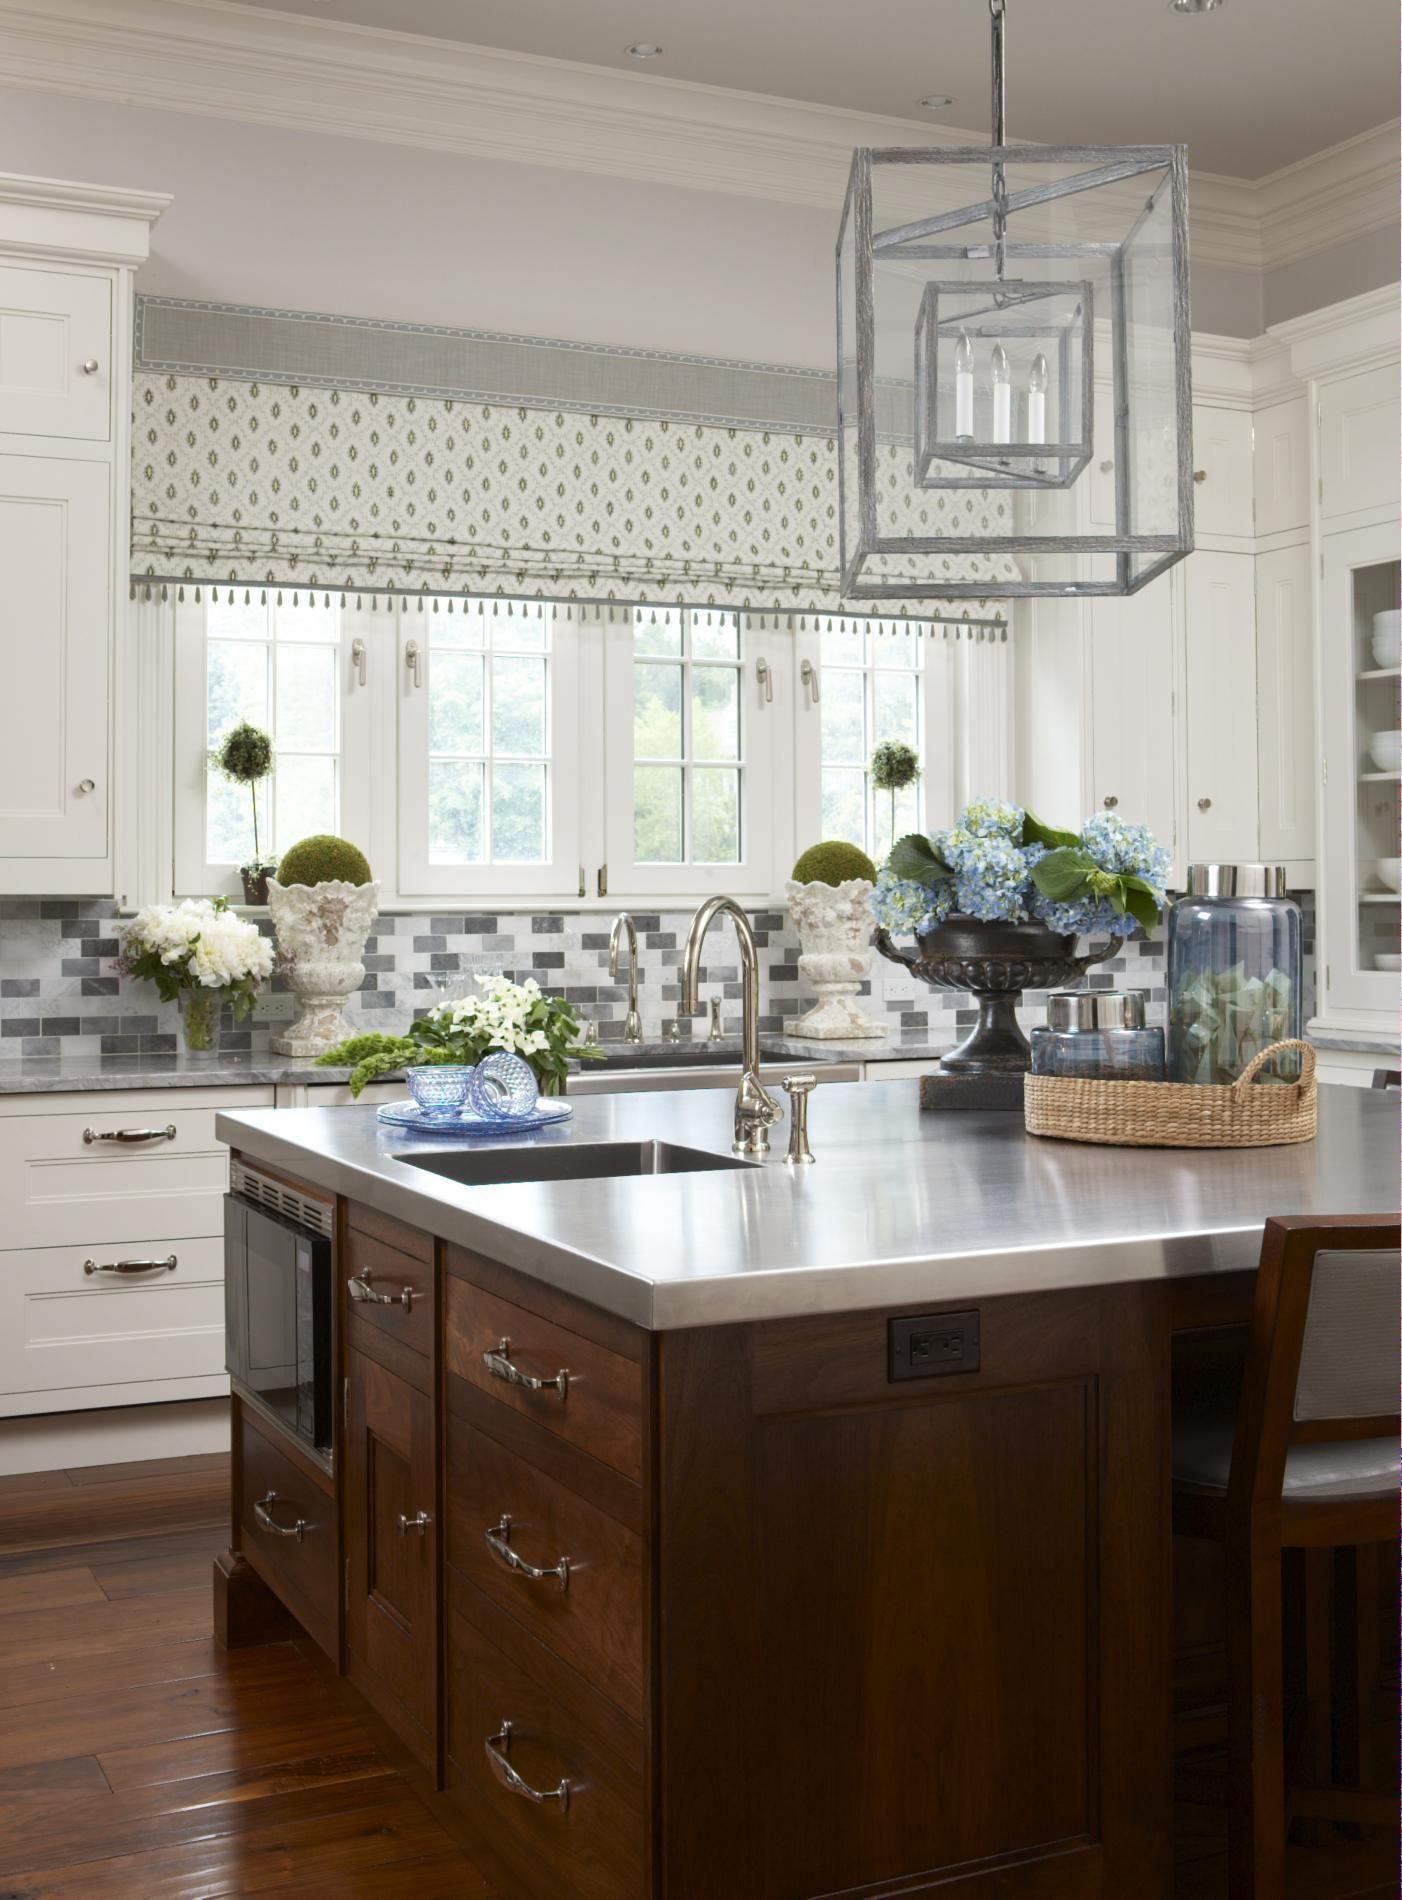 Best Interior Design Ideas Home Bunch An Interior Design 640 x 480